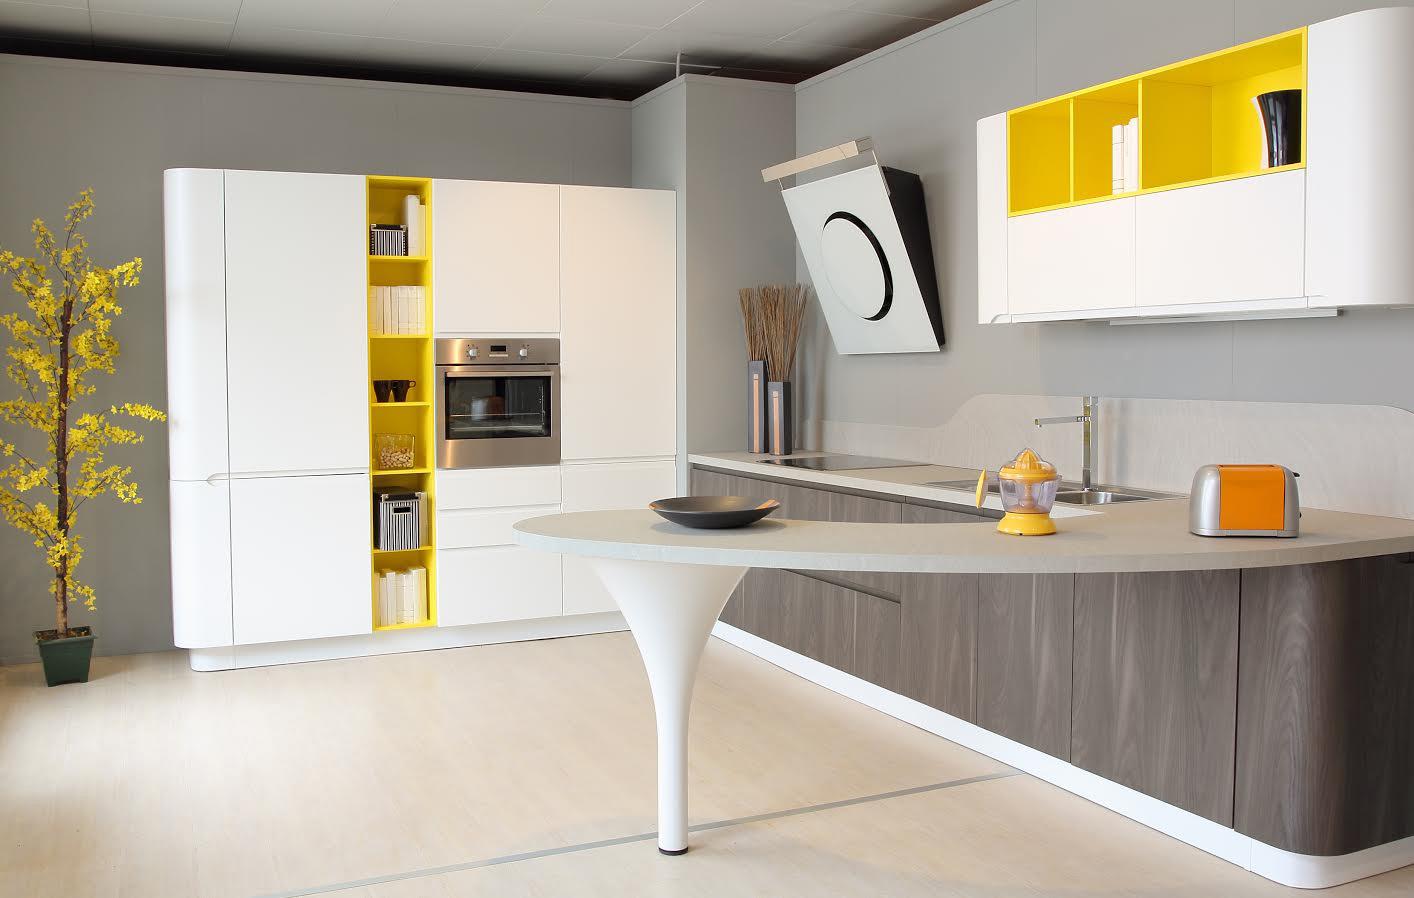 #BC9C0F Another Image For armario de cozinha planejado em campinas 1414x898 px Armário Em Cozinha Design_668 Imagens